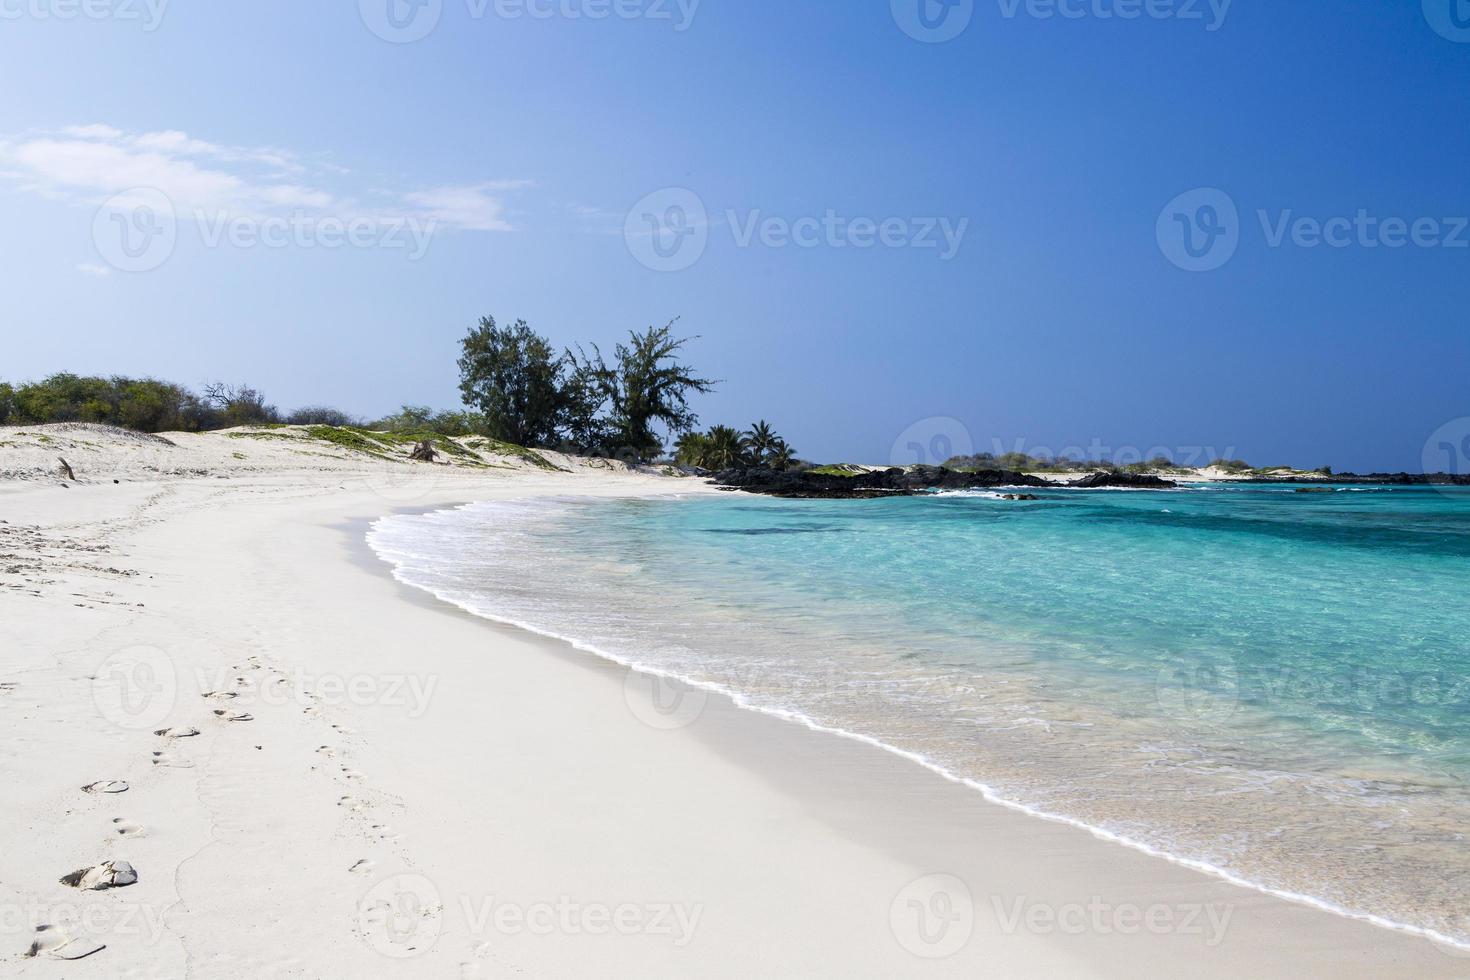 hermosa playa de arena vacía - destino romántico foto